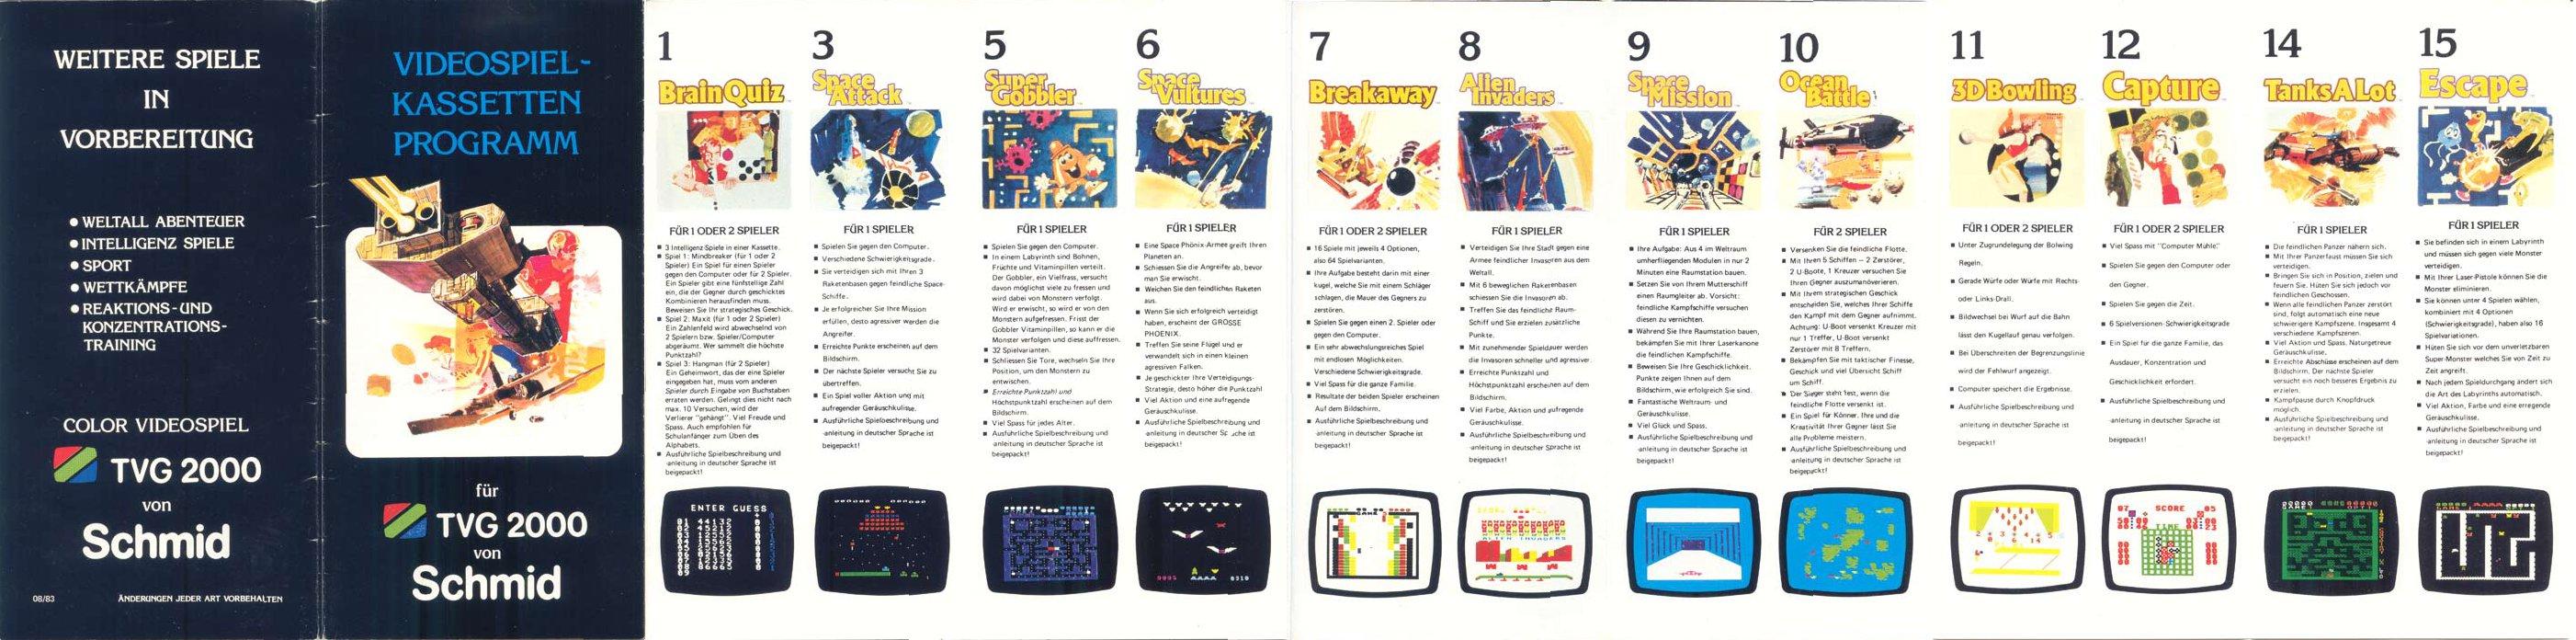 Videospiel Kassetten Programm für das Schmid TVG 2000, August 1983, Teil 1. (Bild: Schmid)